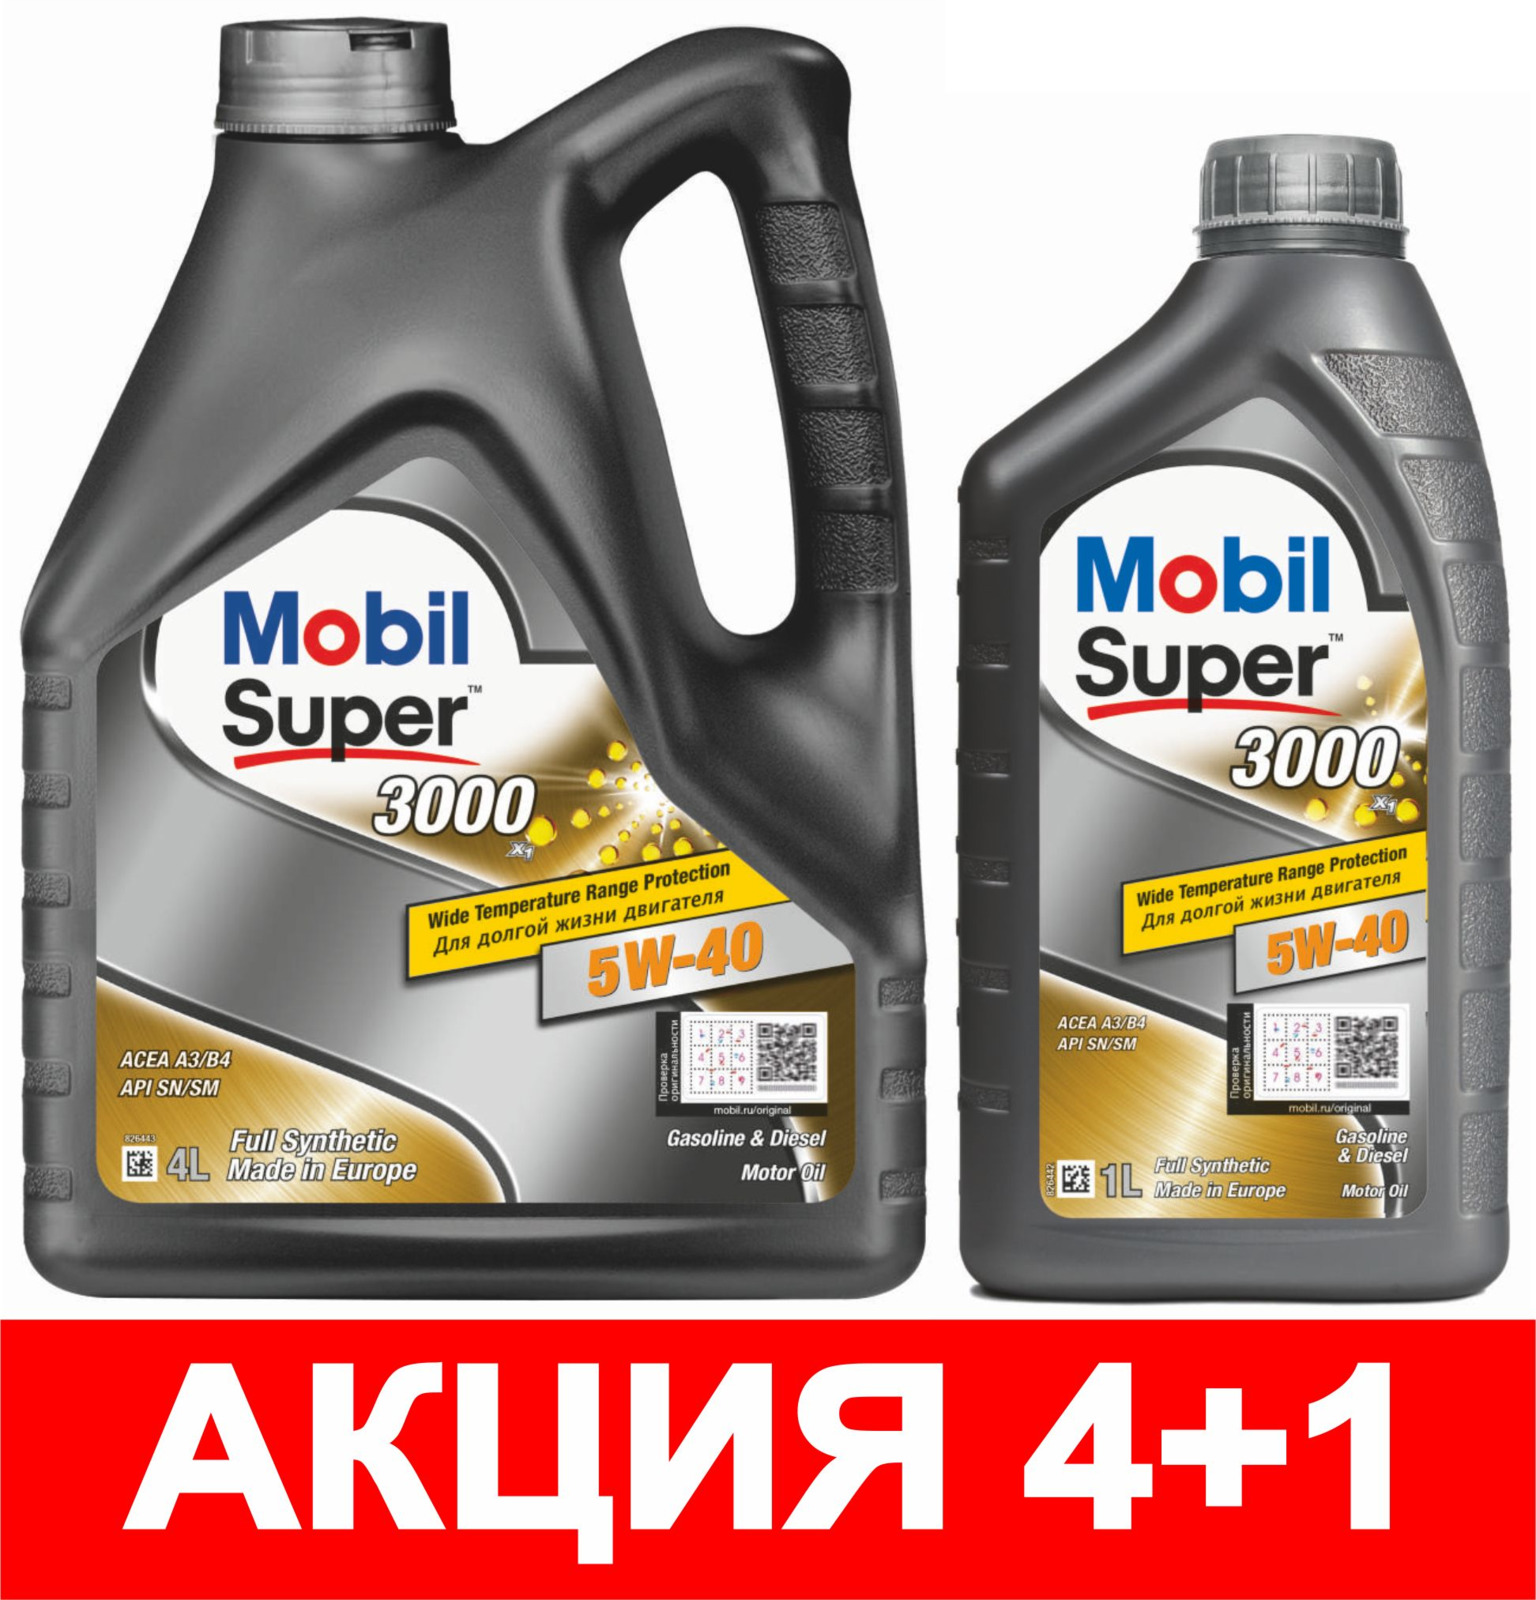 Масло моторноеMobil Super 3000 Х1, синтетическое, 5W-40, 4+1 л масло моторное mobil 1 fs x1 5w40 1л